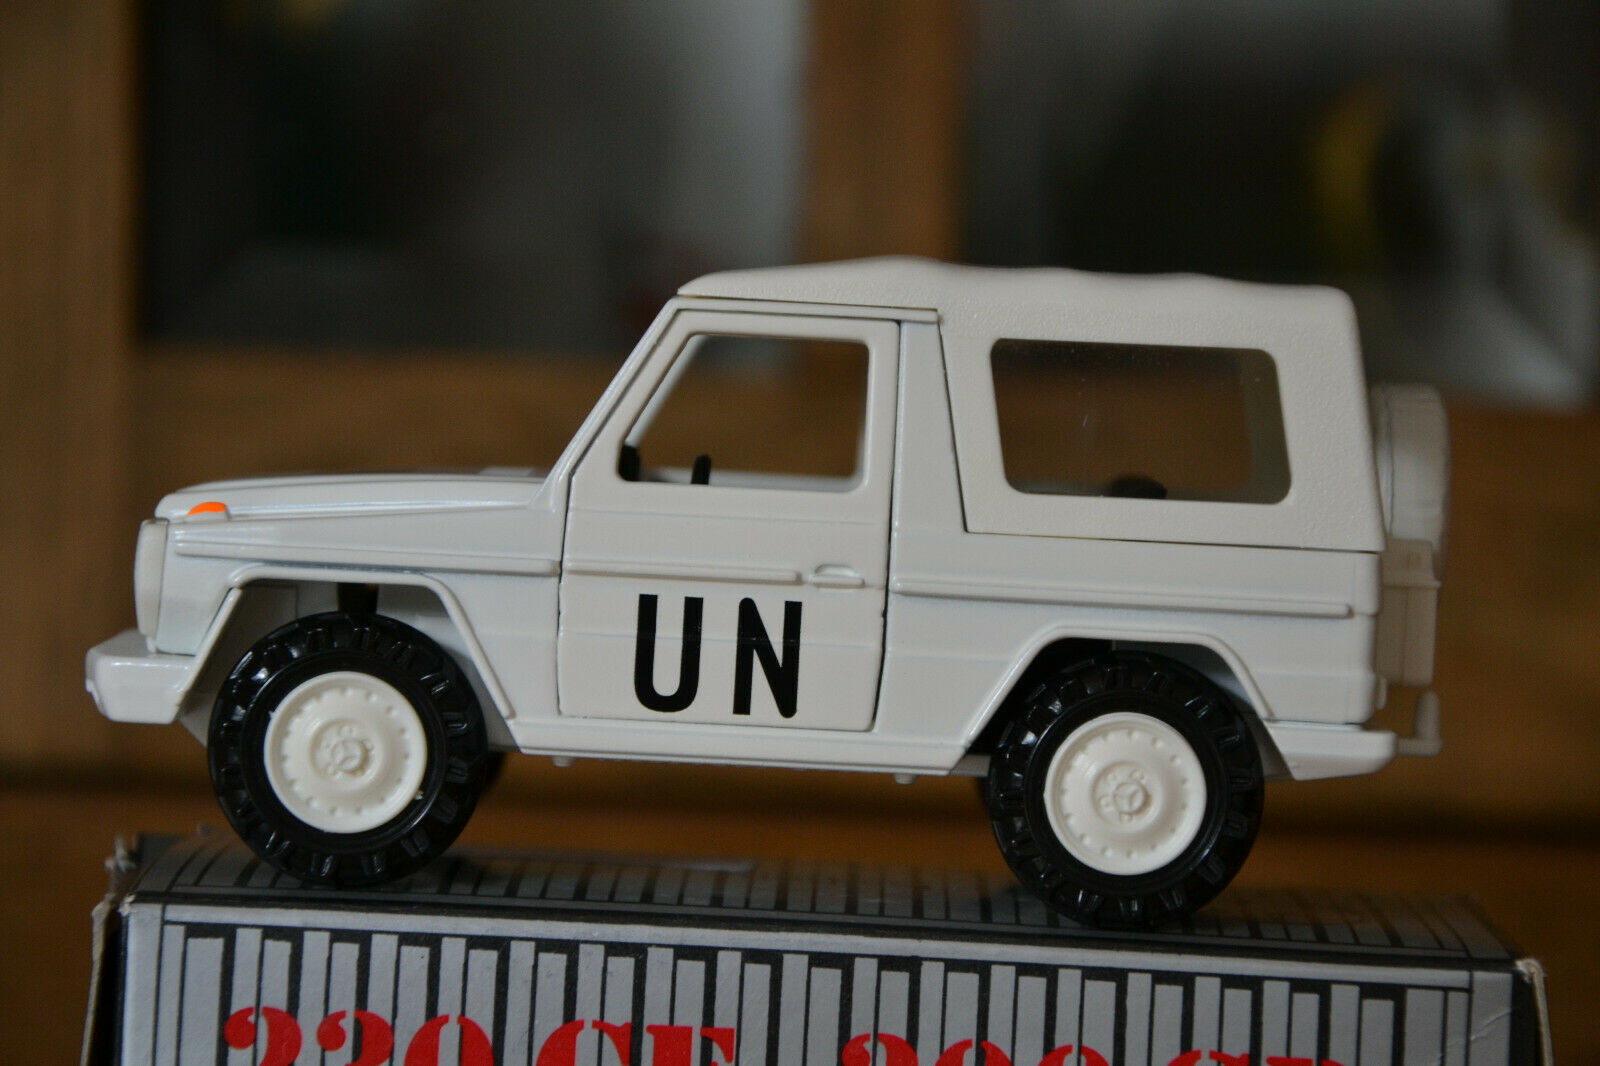 G-Modelll Wolf Militär UN Mercedes Benz von Cursor 1 35 in weiss OVP neuwertig